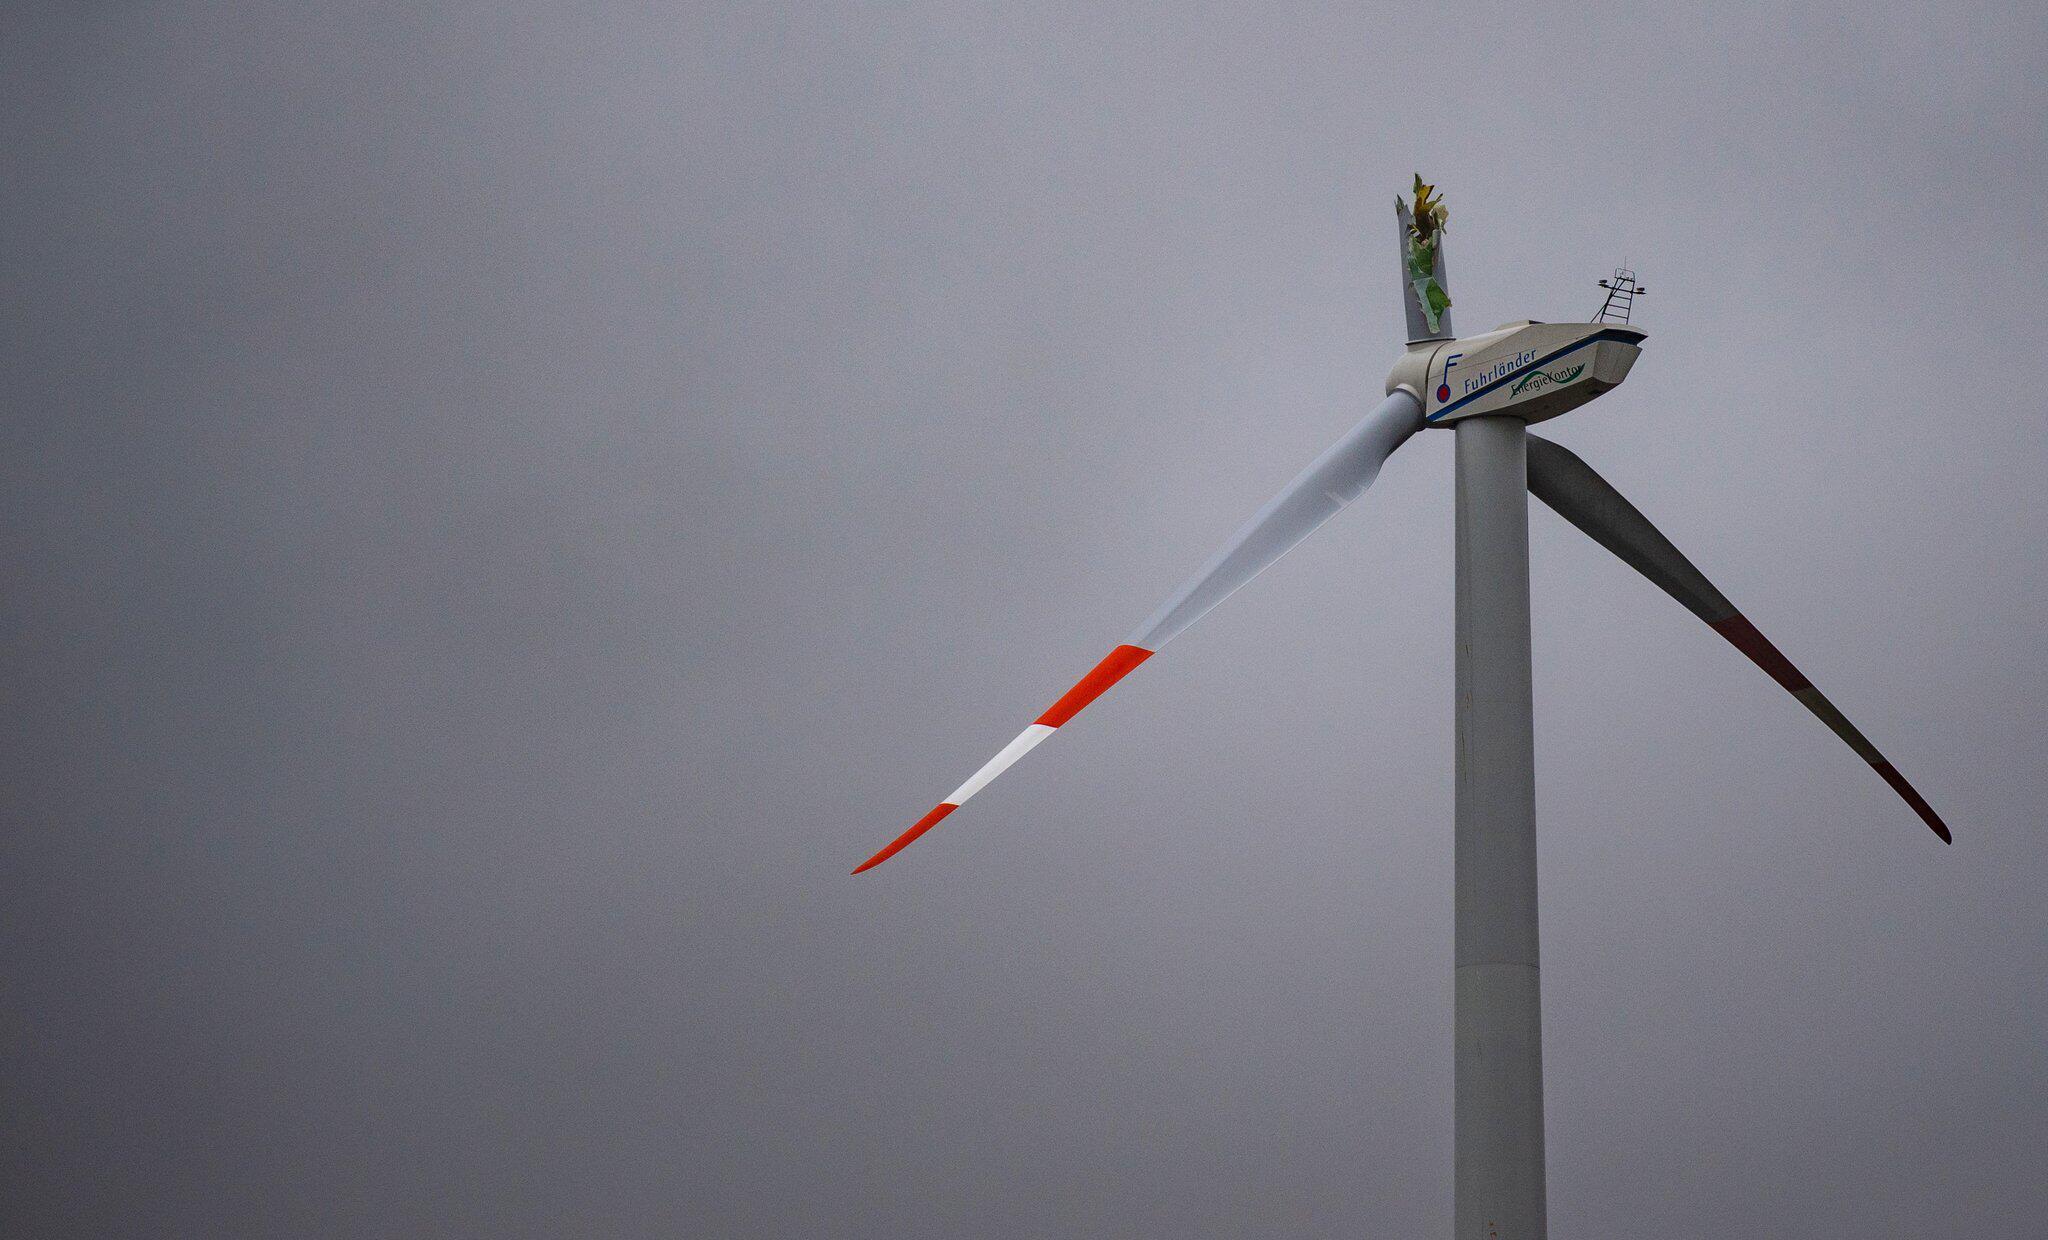 Bild zu Flügel von Windrad bricht ab und fällt herunter